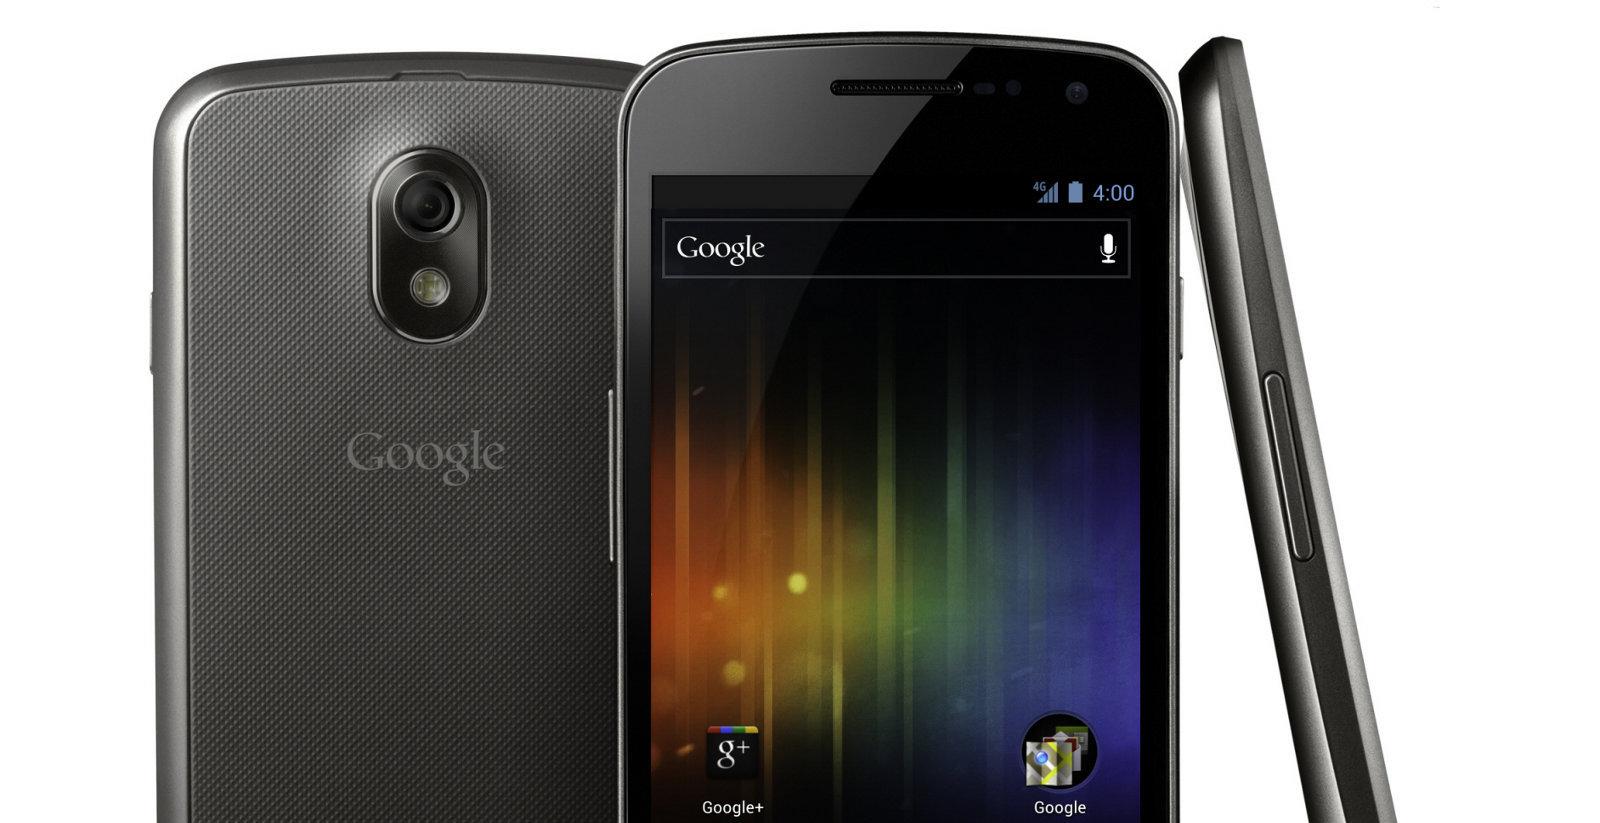 Nexus-telefonen kan bli lov å selge igjen dersom Samsungs programvare-håndgrep blir godtatt.